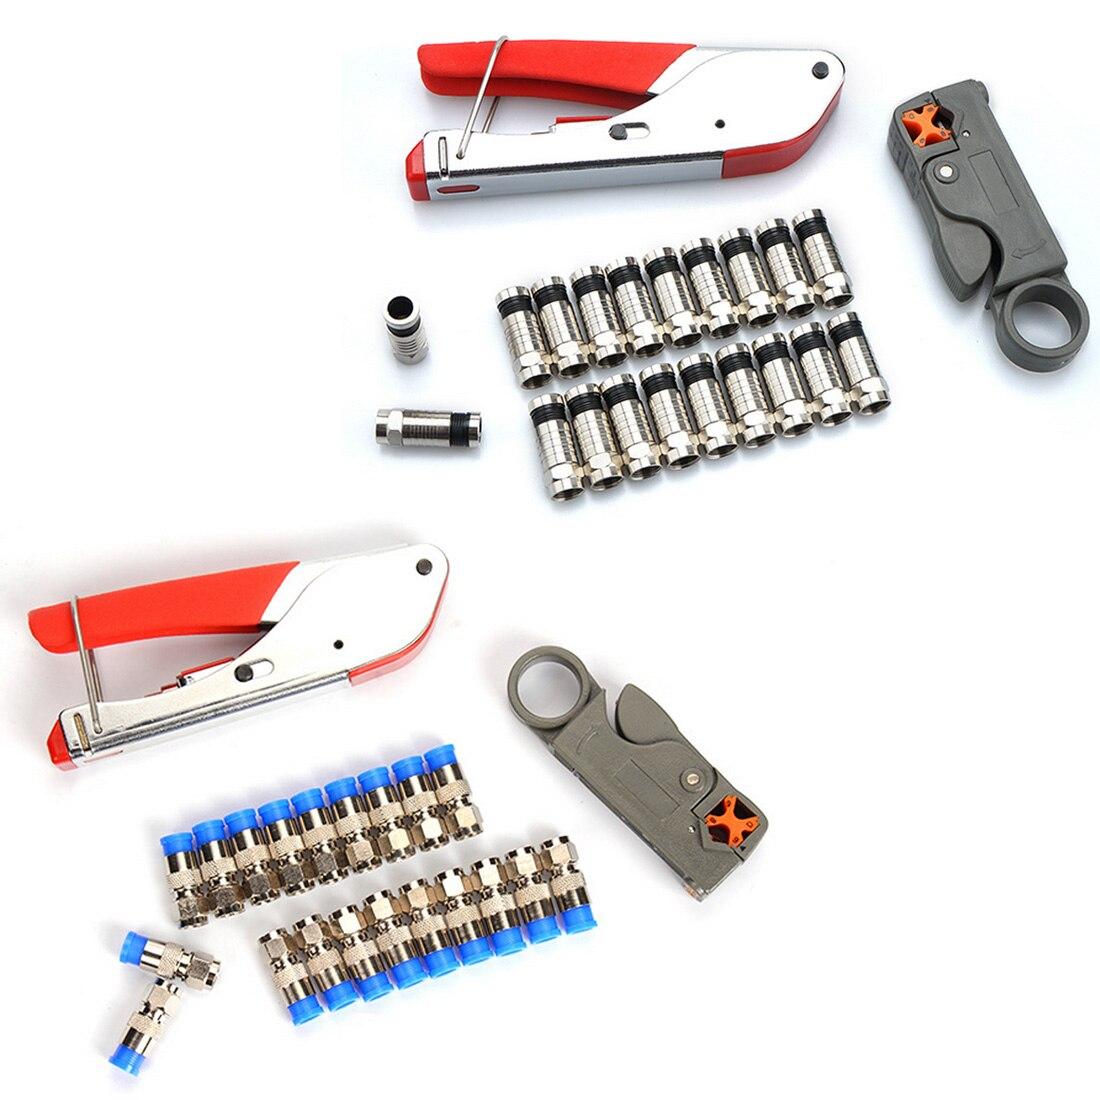 Zangen Werkzeuge Fein 1 Set Koaxialkabel Abisolierzange Rg6/rg59 F Kompression 20 Stücke Connector Tool Crimpen Zange Abisolieren Zange Kit SchüTtelfrost Und Schmerzen